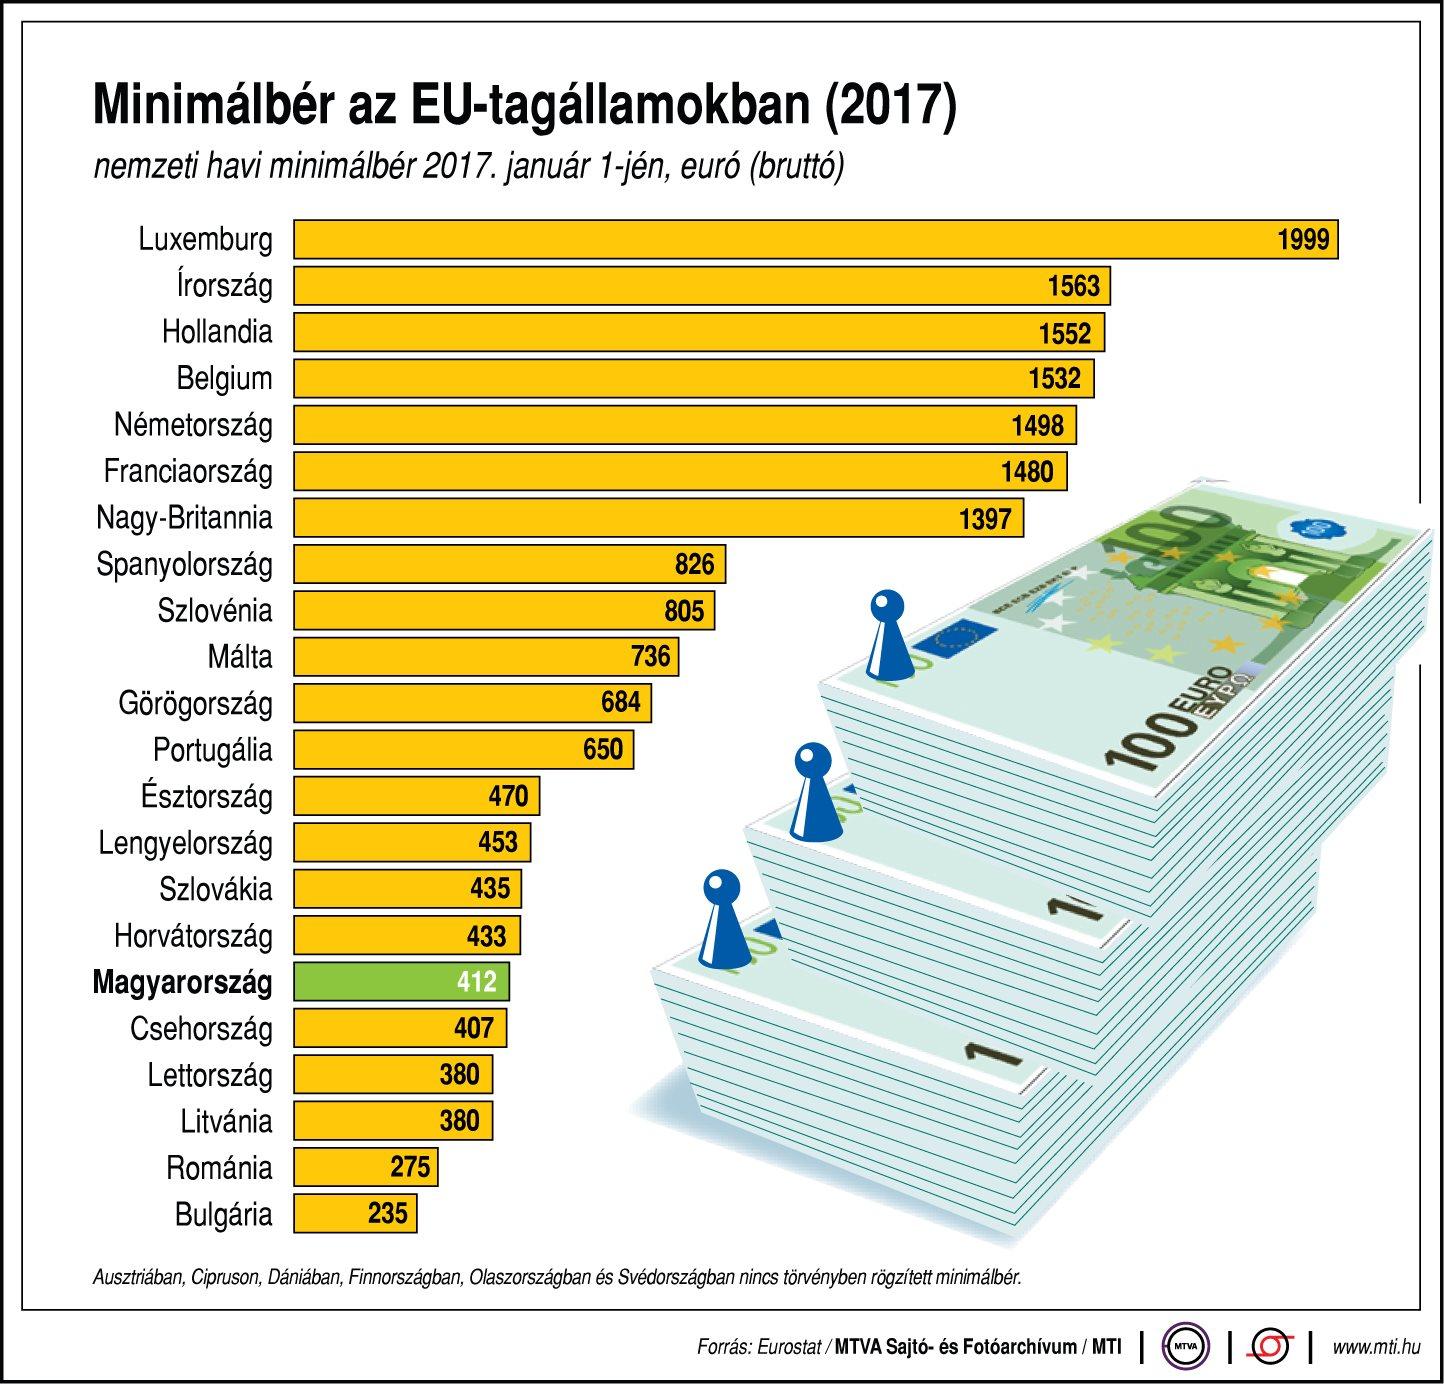 Minimálbérek az EU-ban - egy ábrán